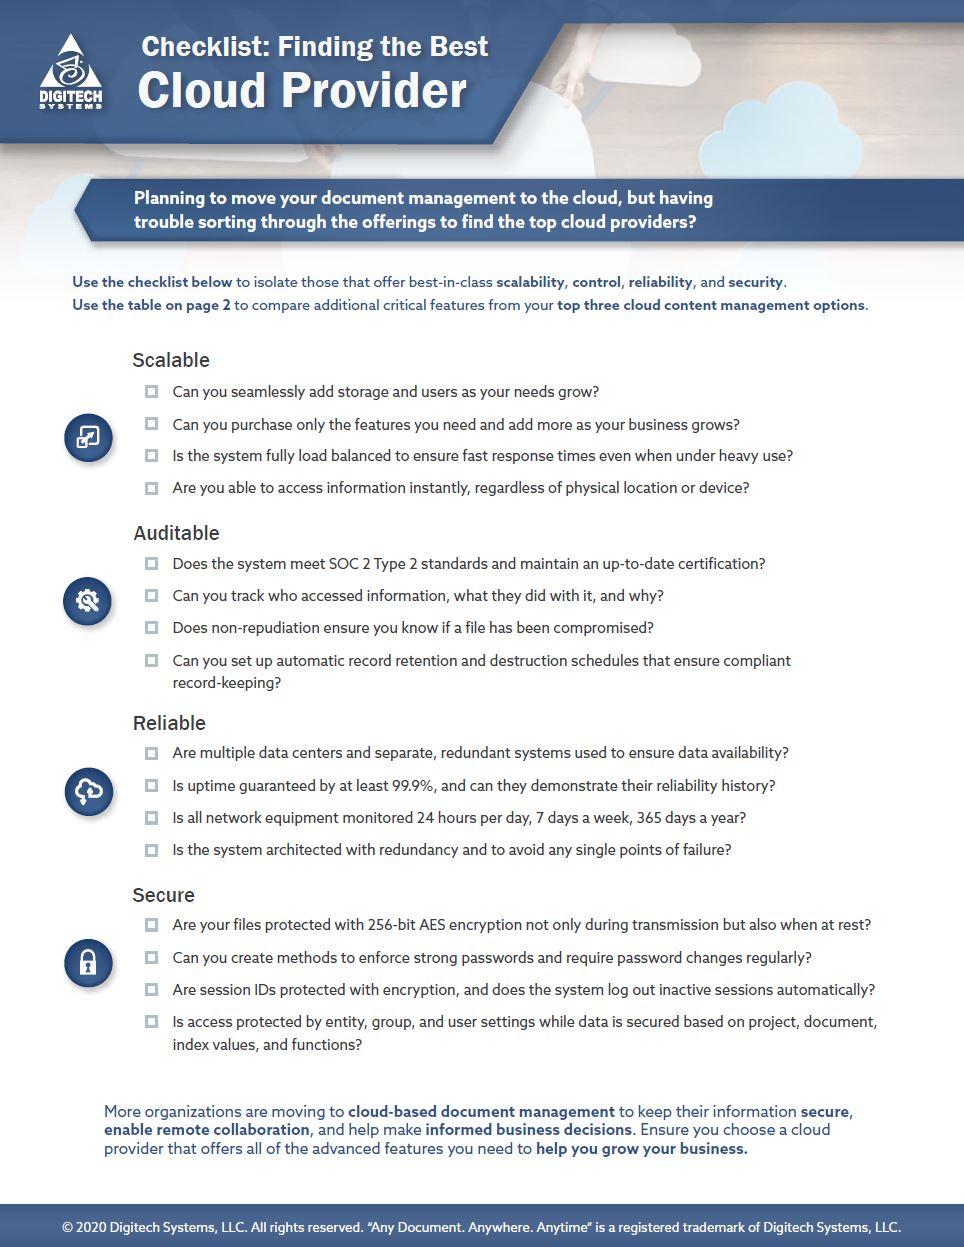 cloud-provider-checklist